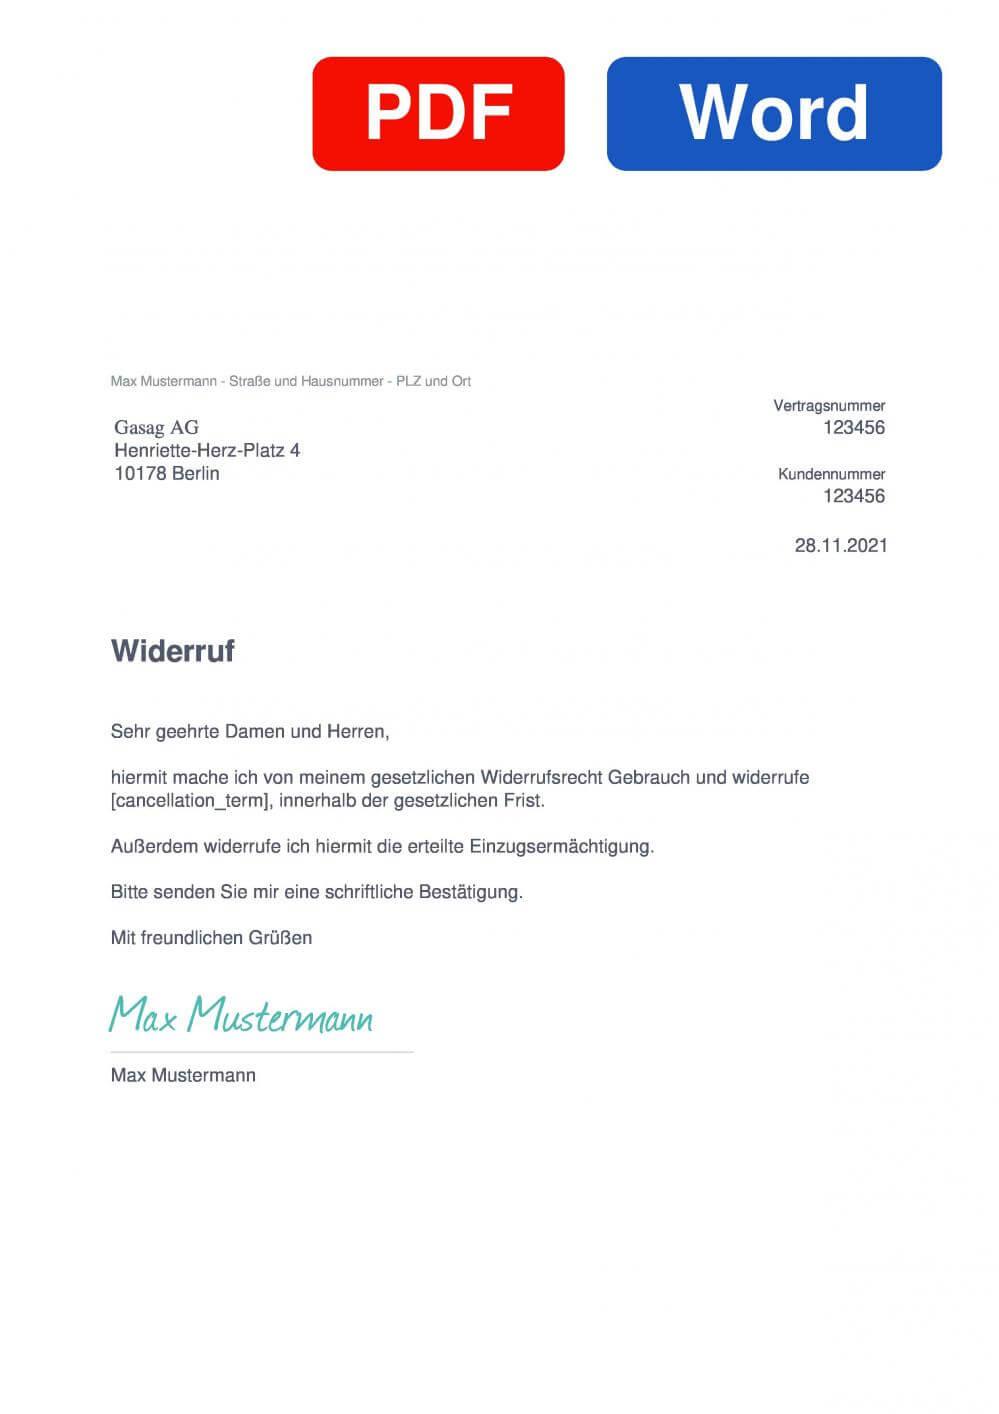 GASAG Muster Vorlage für Wiederrufsschreiben